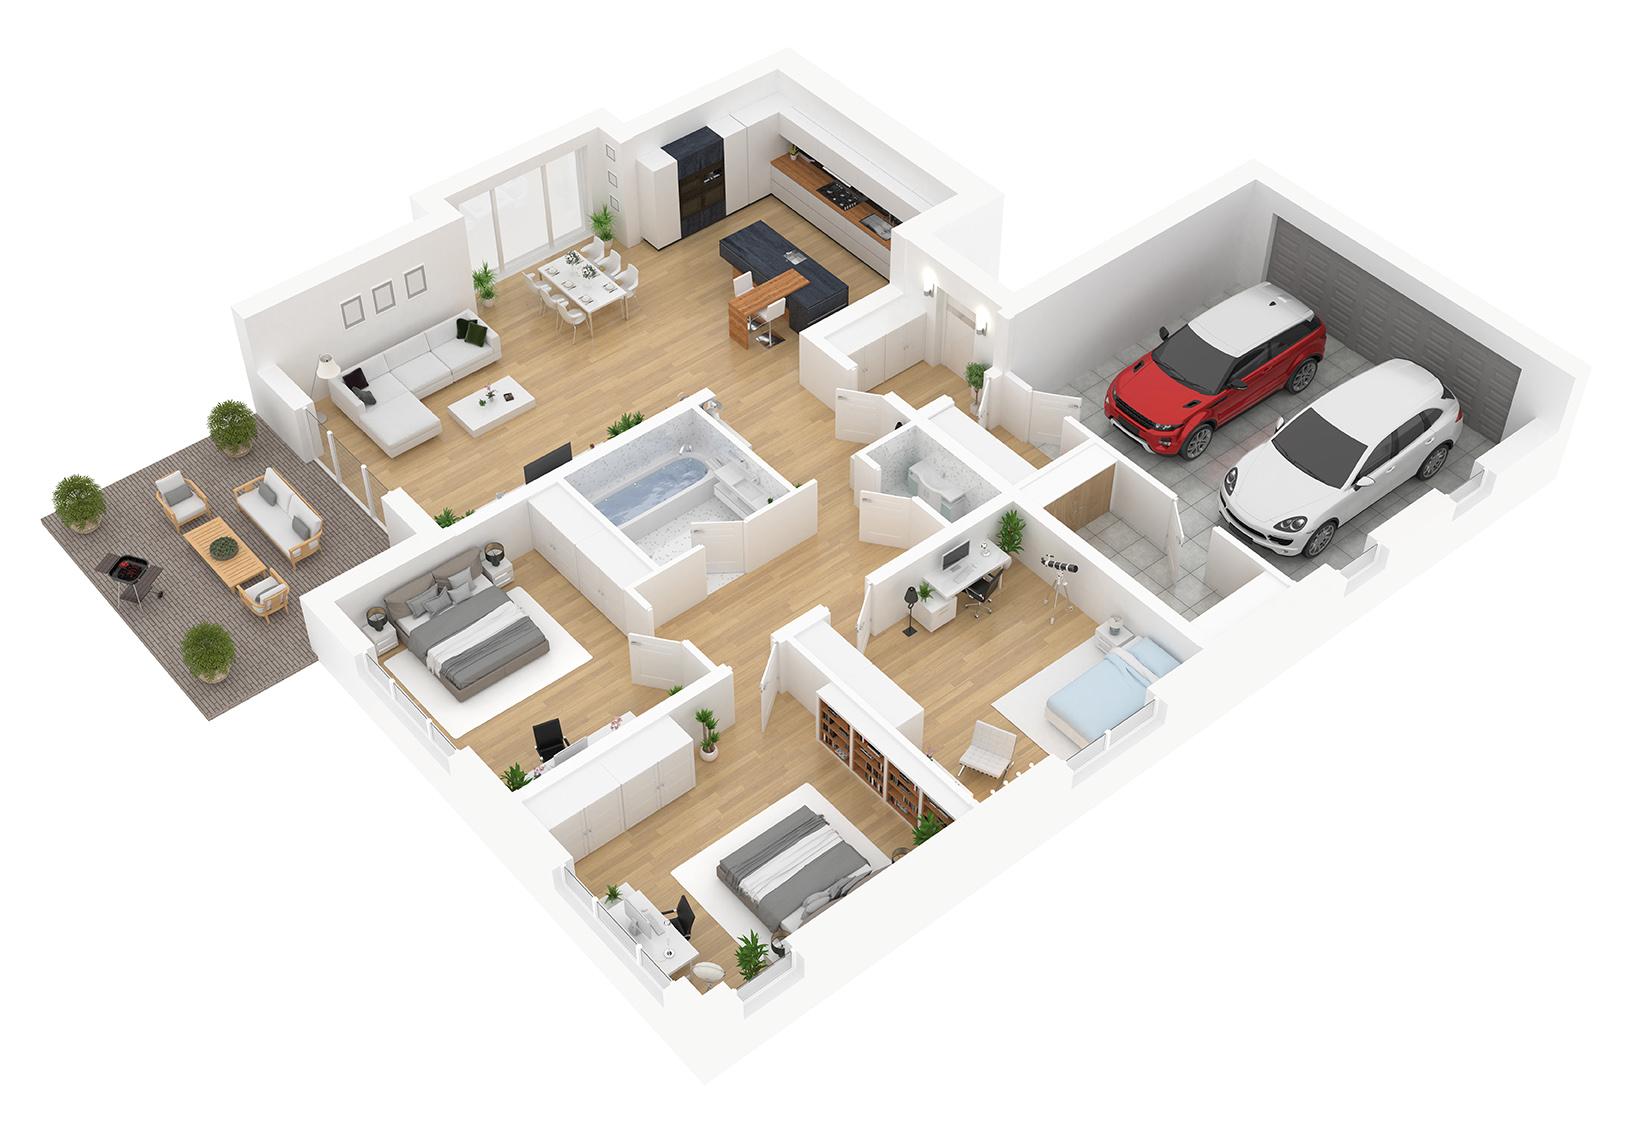 Vereinbarungen zur Wohnfläche im freifinanzierten Wohnraum